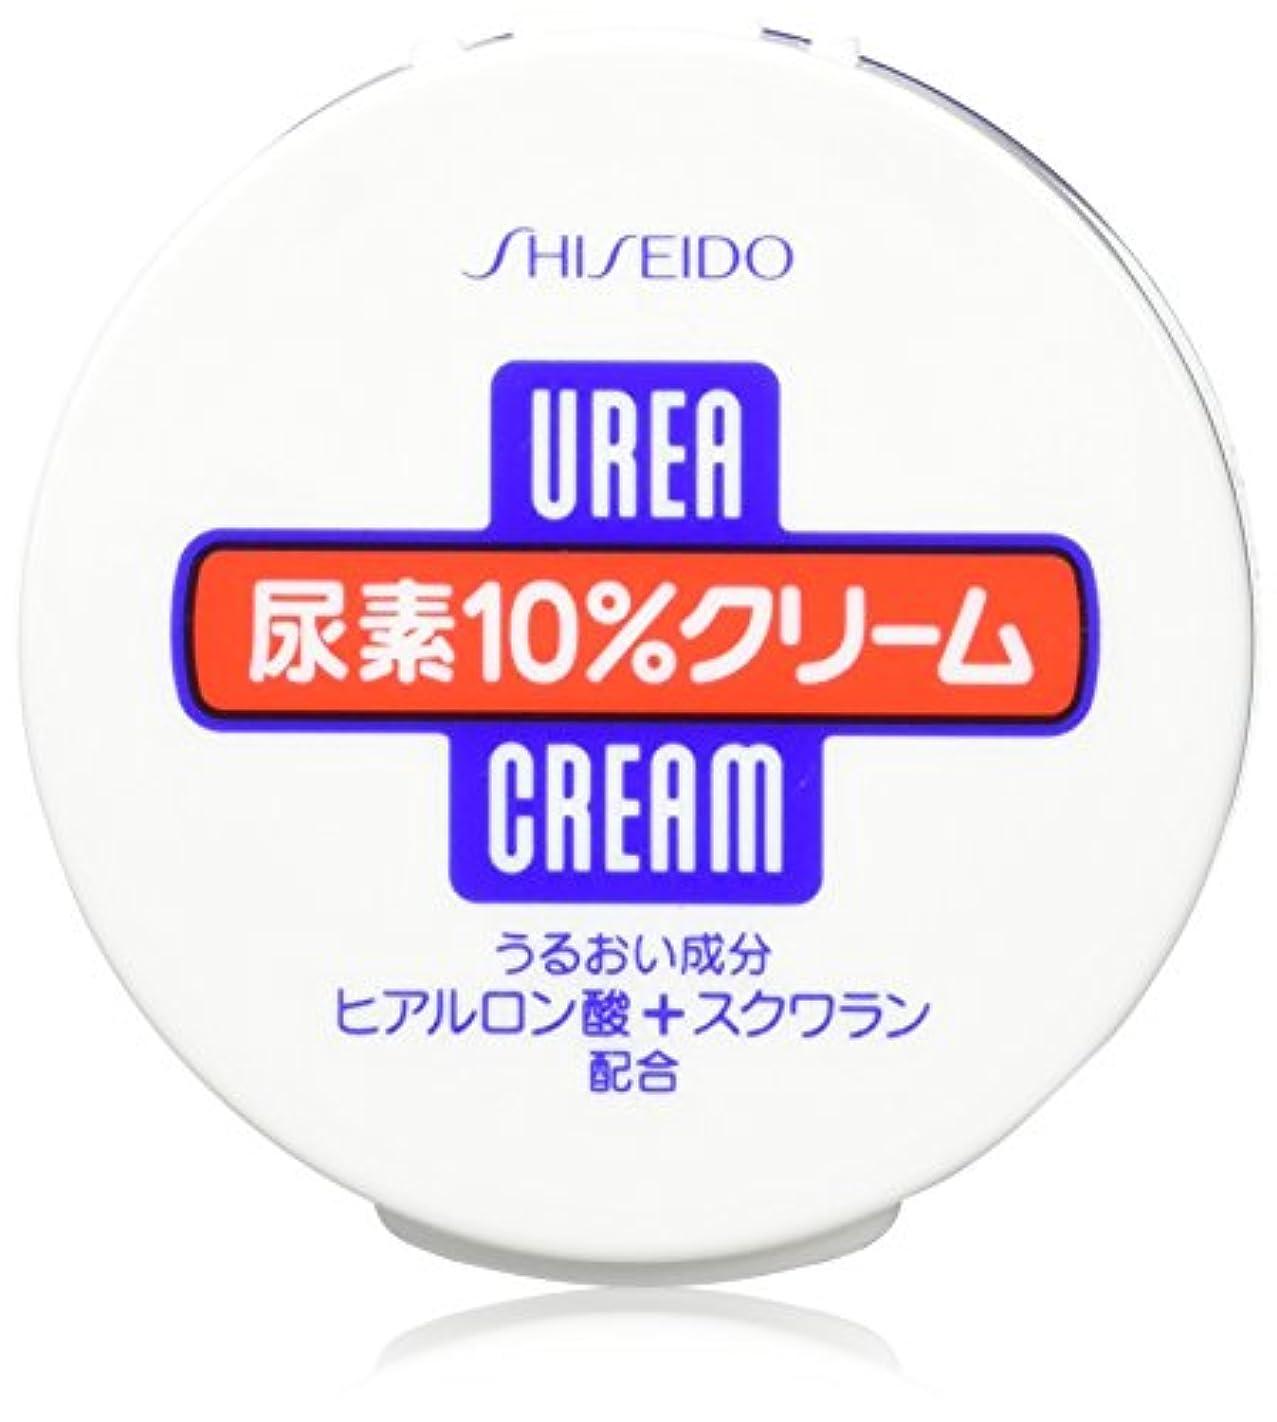 尿素10% クリーム 100g